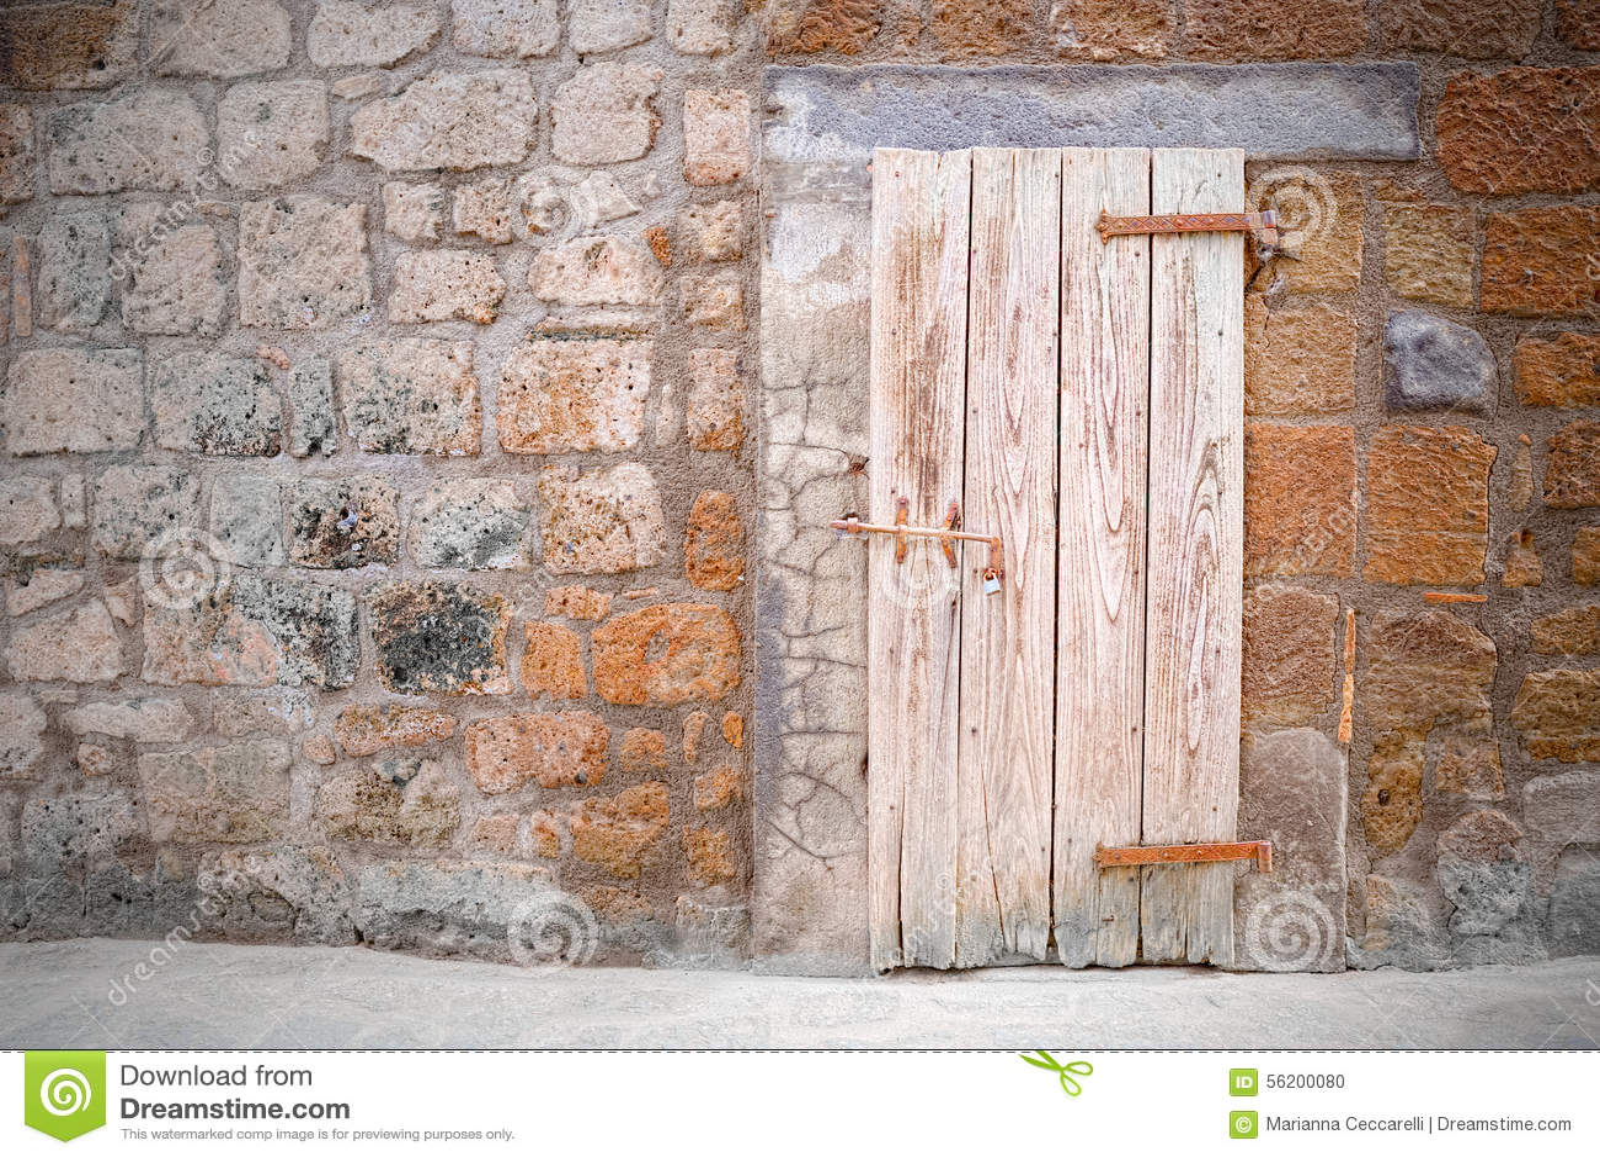 Vieille porte de cave dans le style ancien du village for Porte cave bois